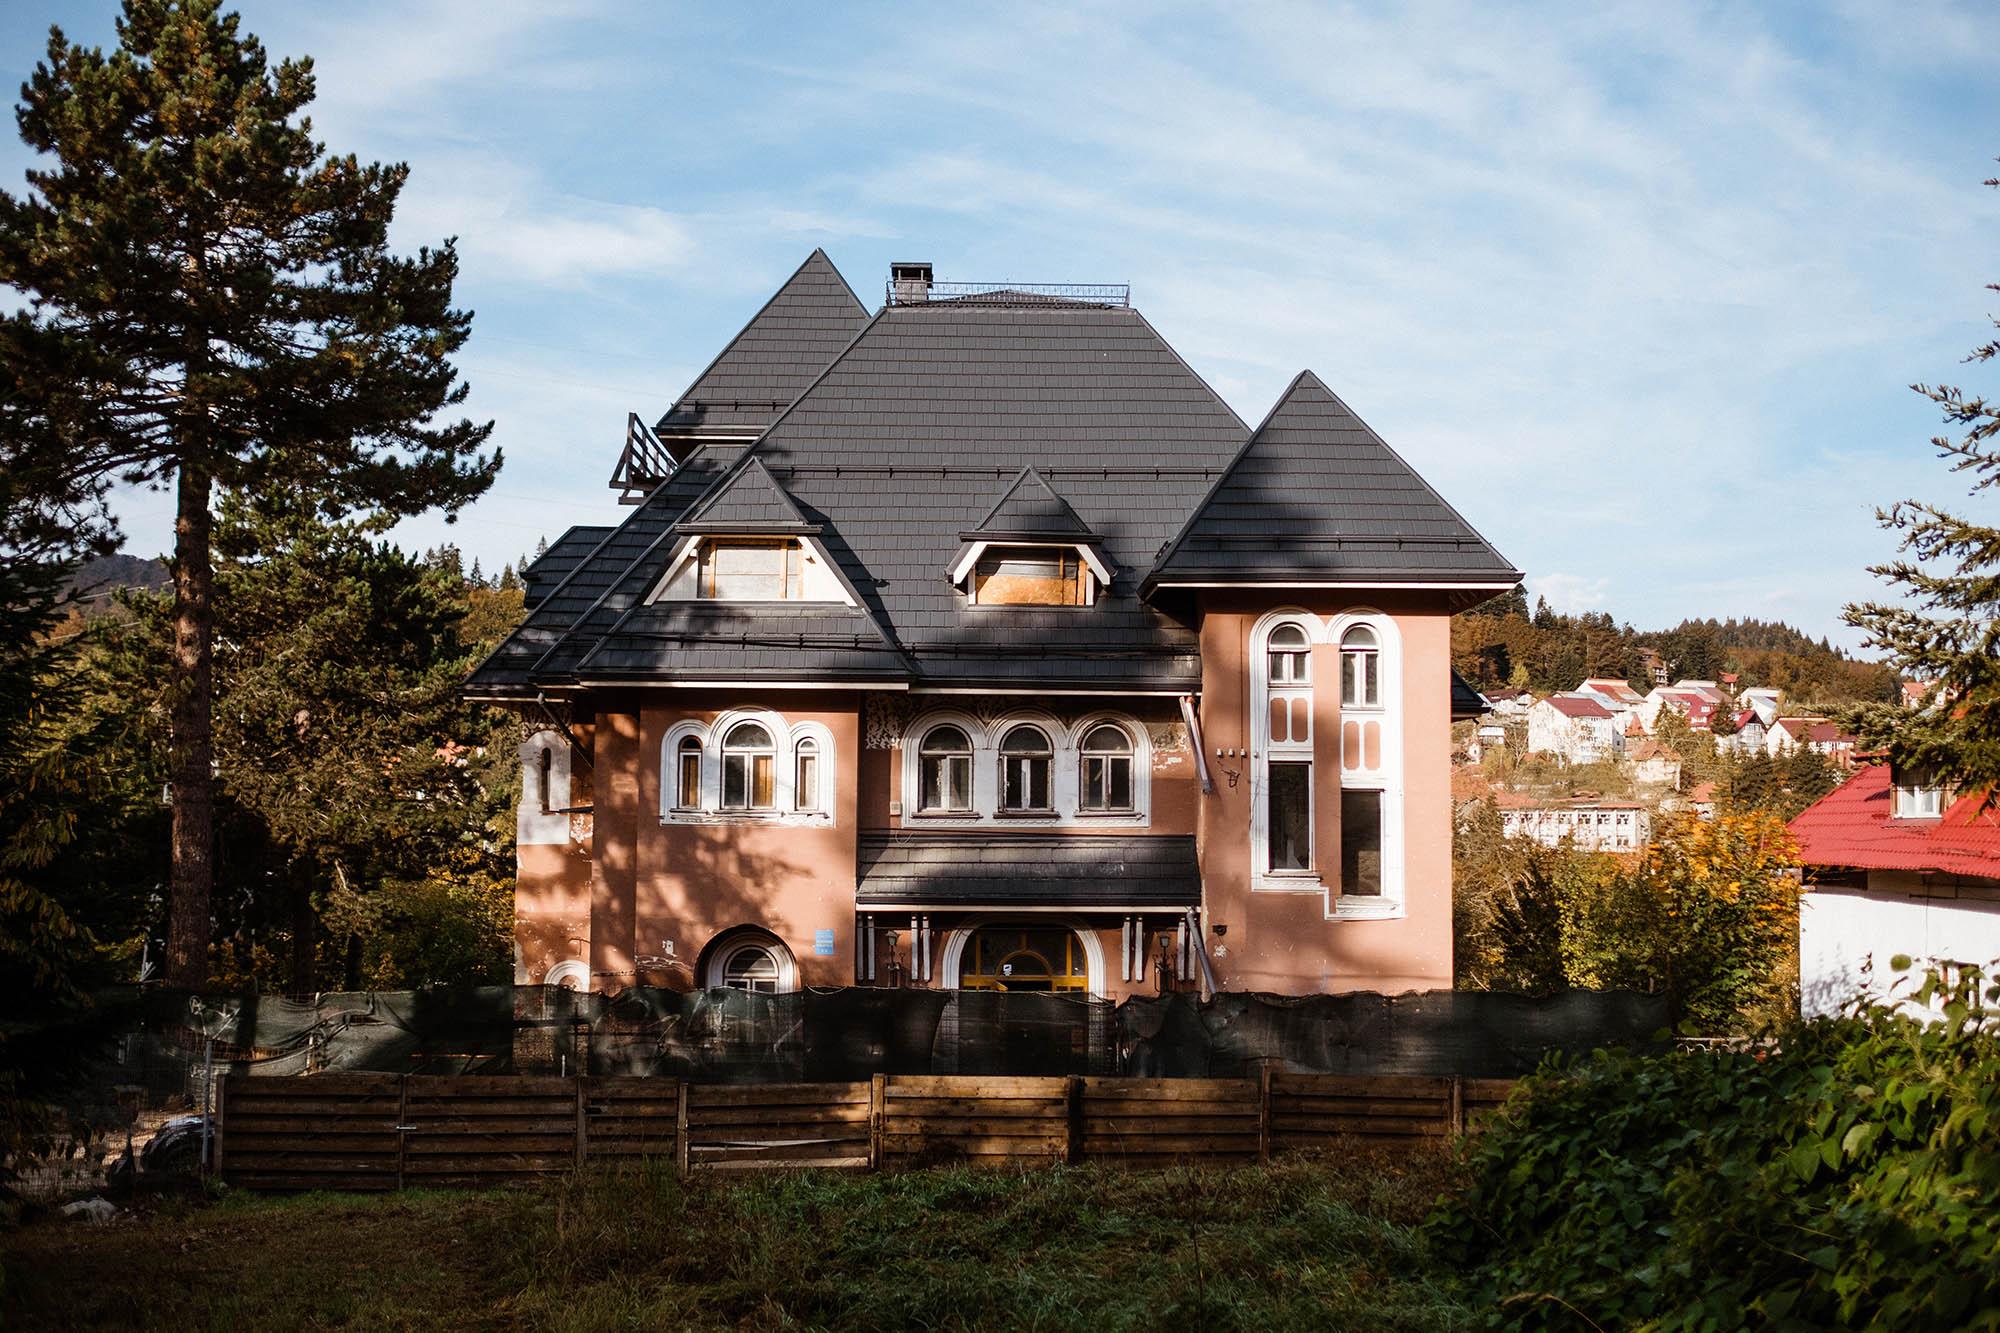 Vila Liliacul din Predeal, scoasă la vânzare cu 550.000 de euro. Acum 9 ani, la lichidarea Predeal SA, valora doar 70.000 de euro